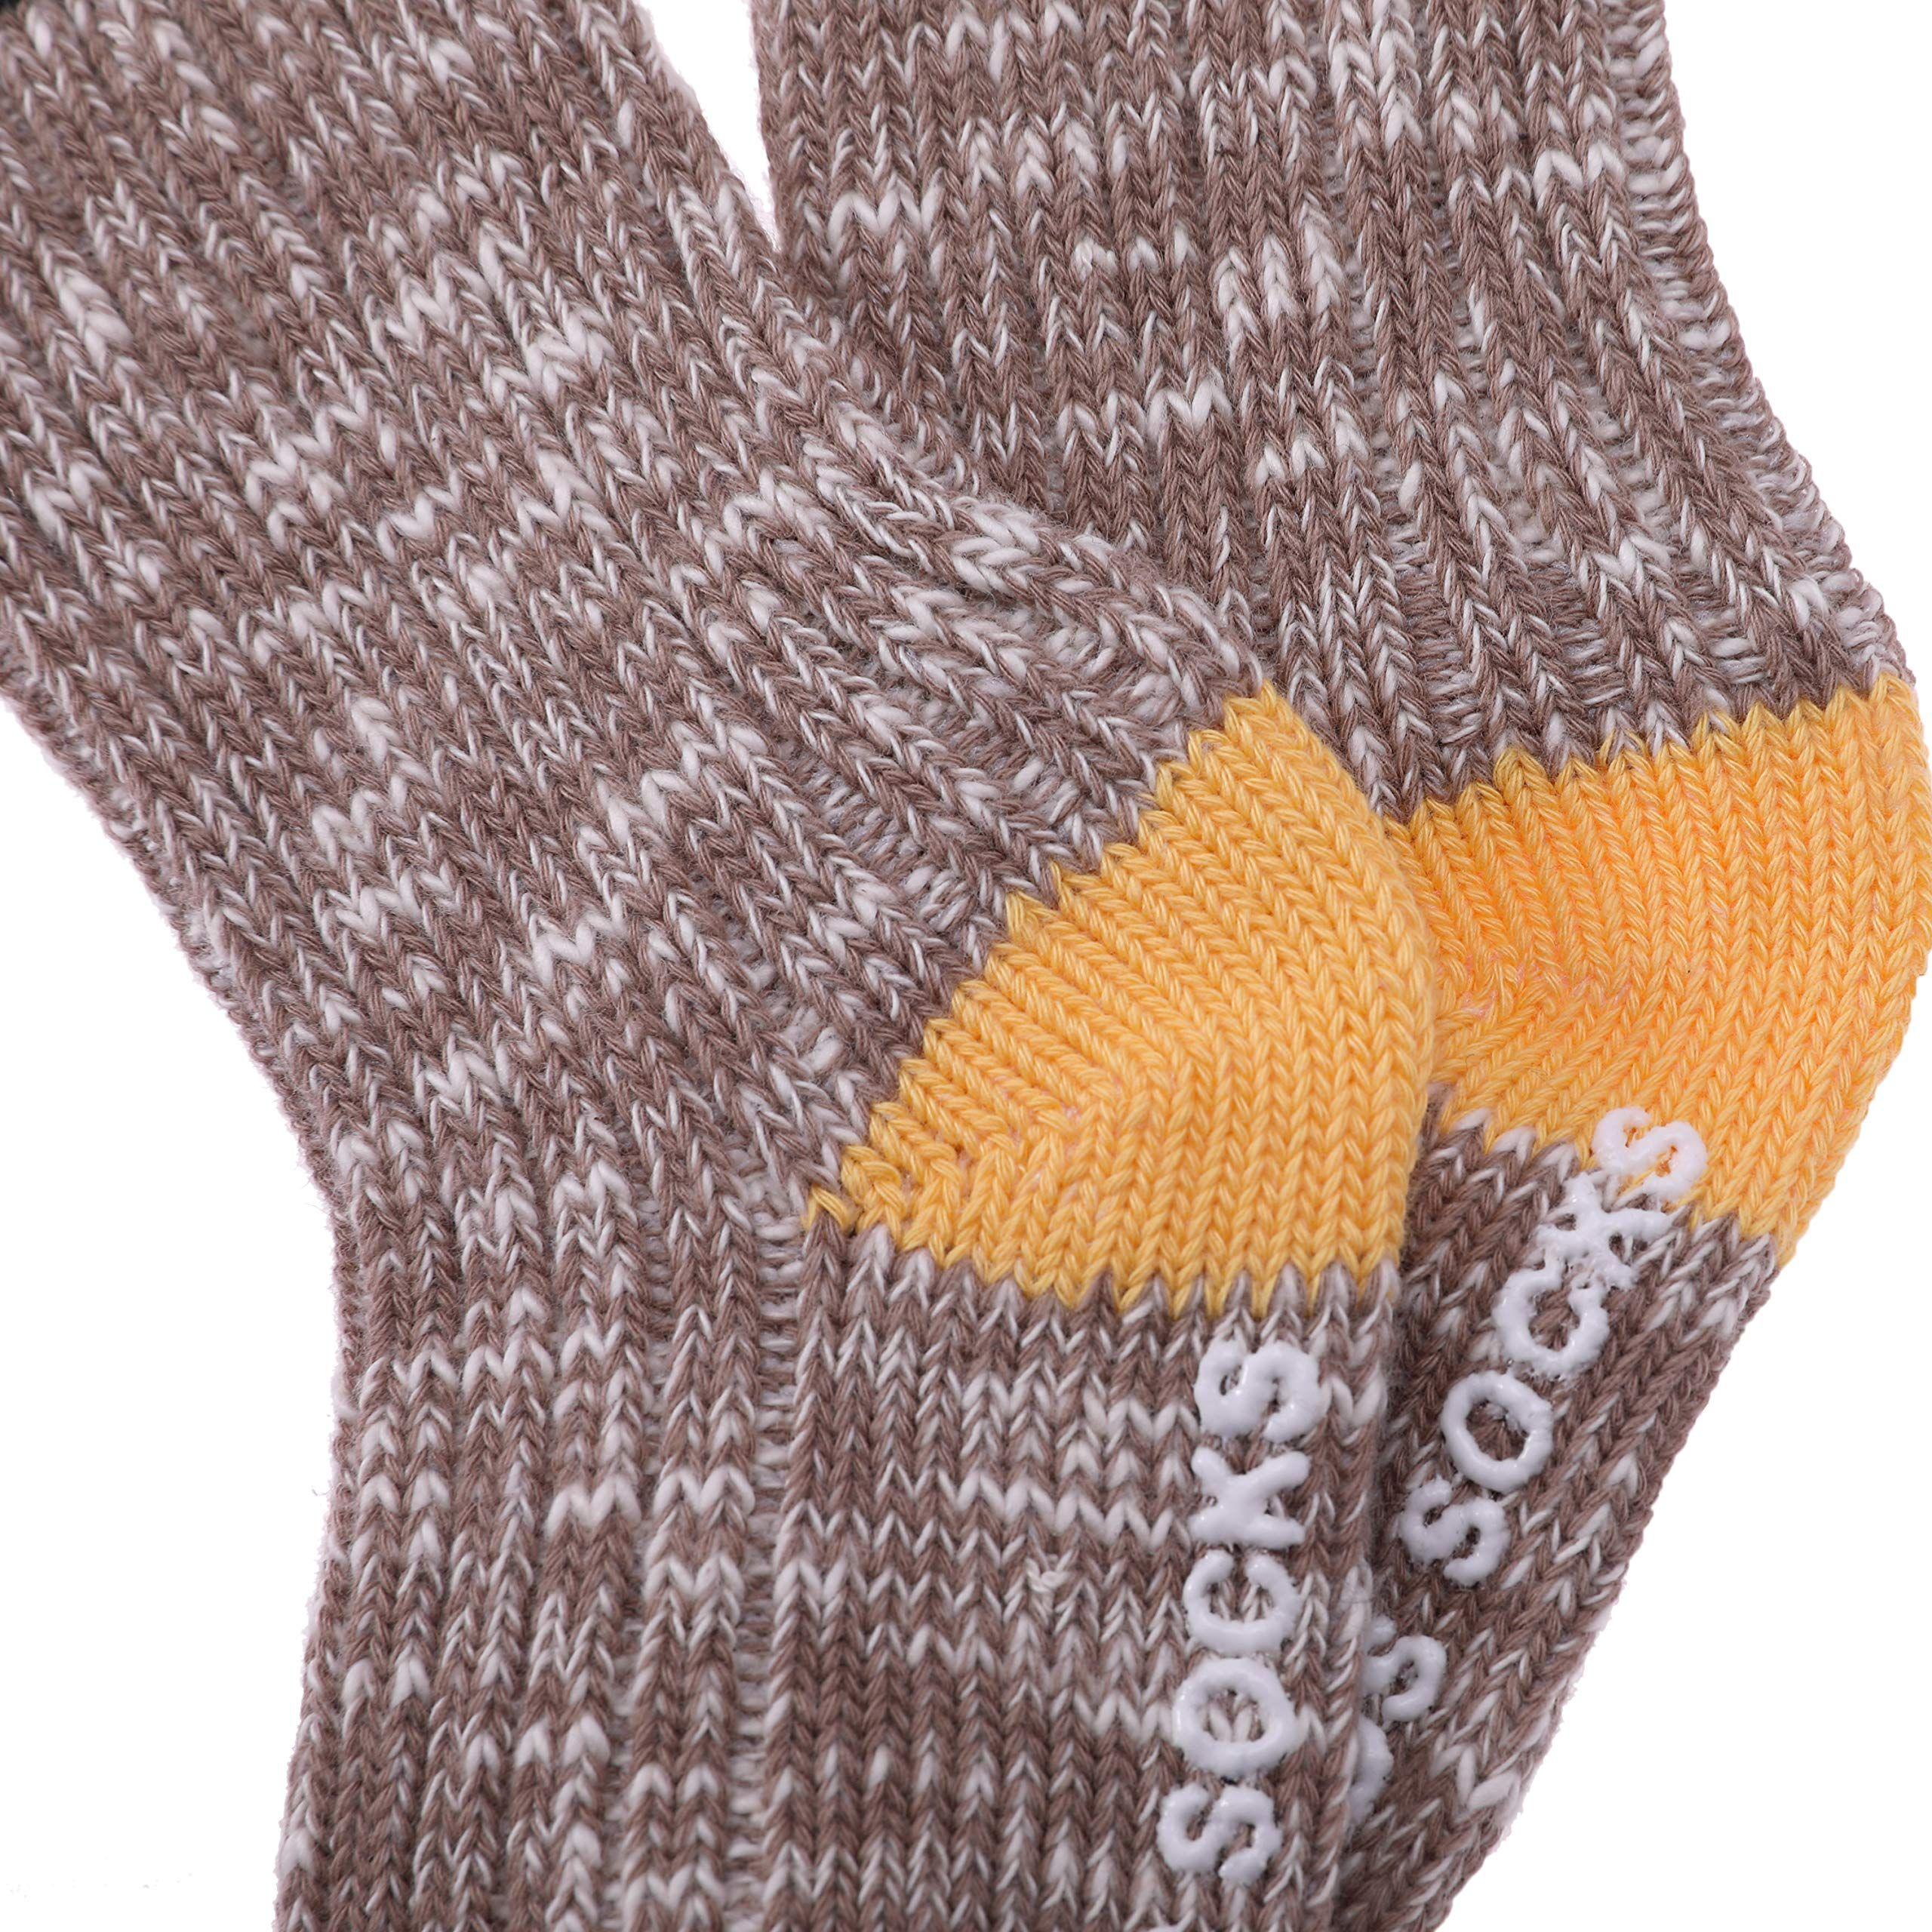 LiveZone 6 Pack Unisex Little Boys Girls Cotton Crew Tube Socks Knee High Socks